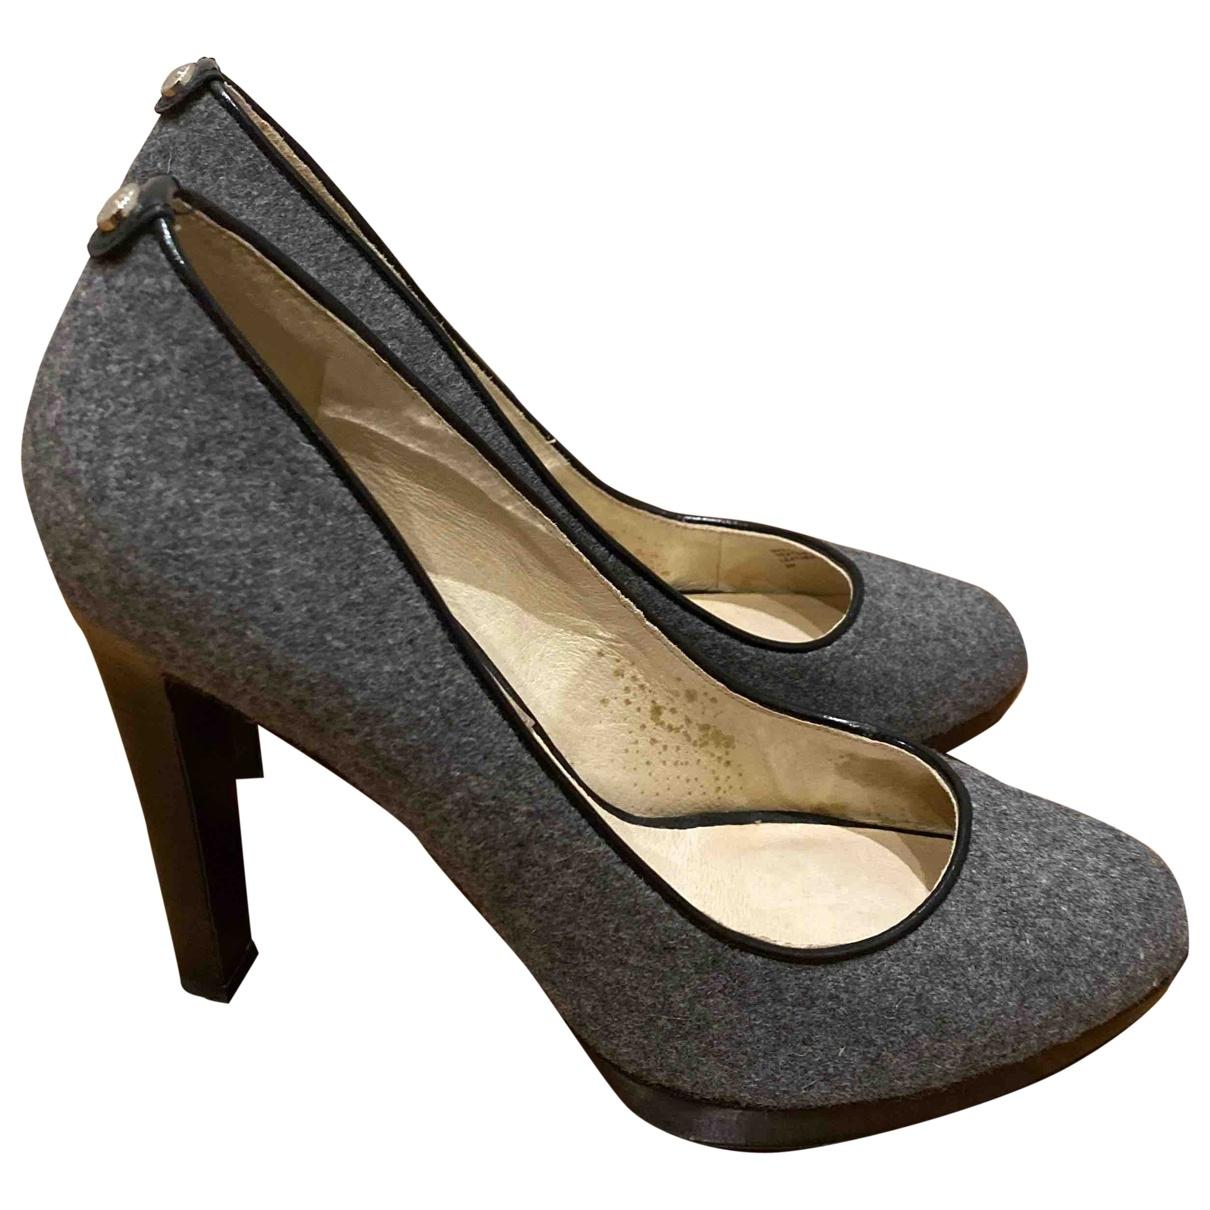 Michael Kors - Escarpins   pour femme en tweed - gris